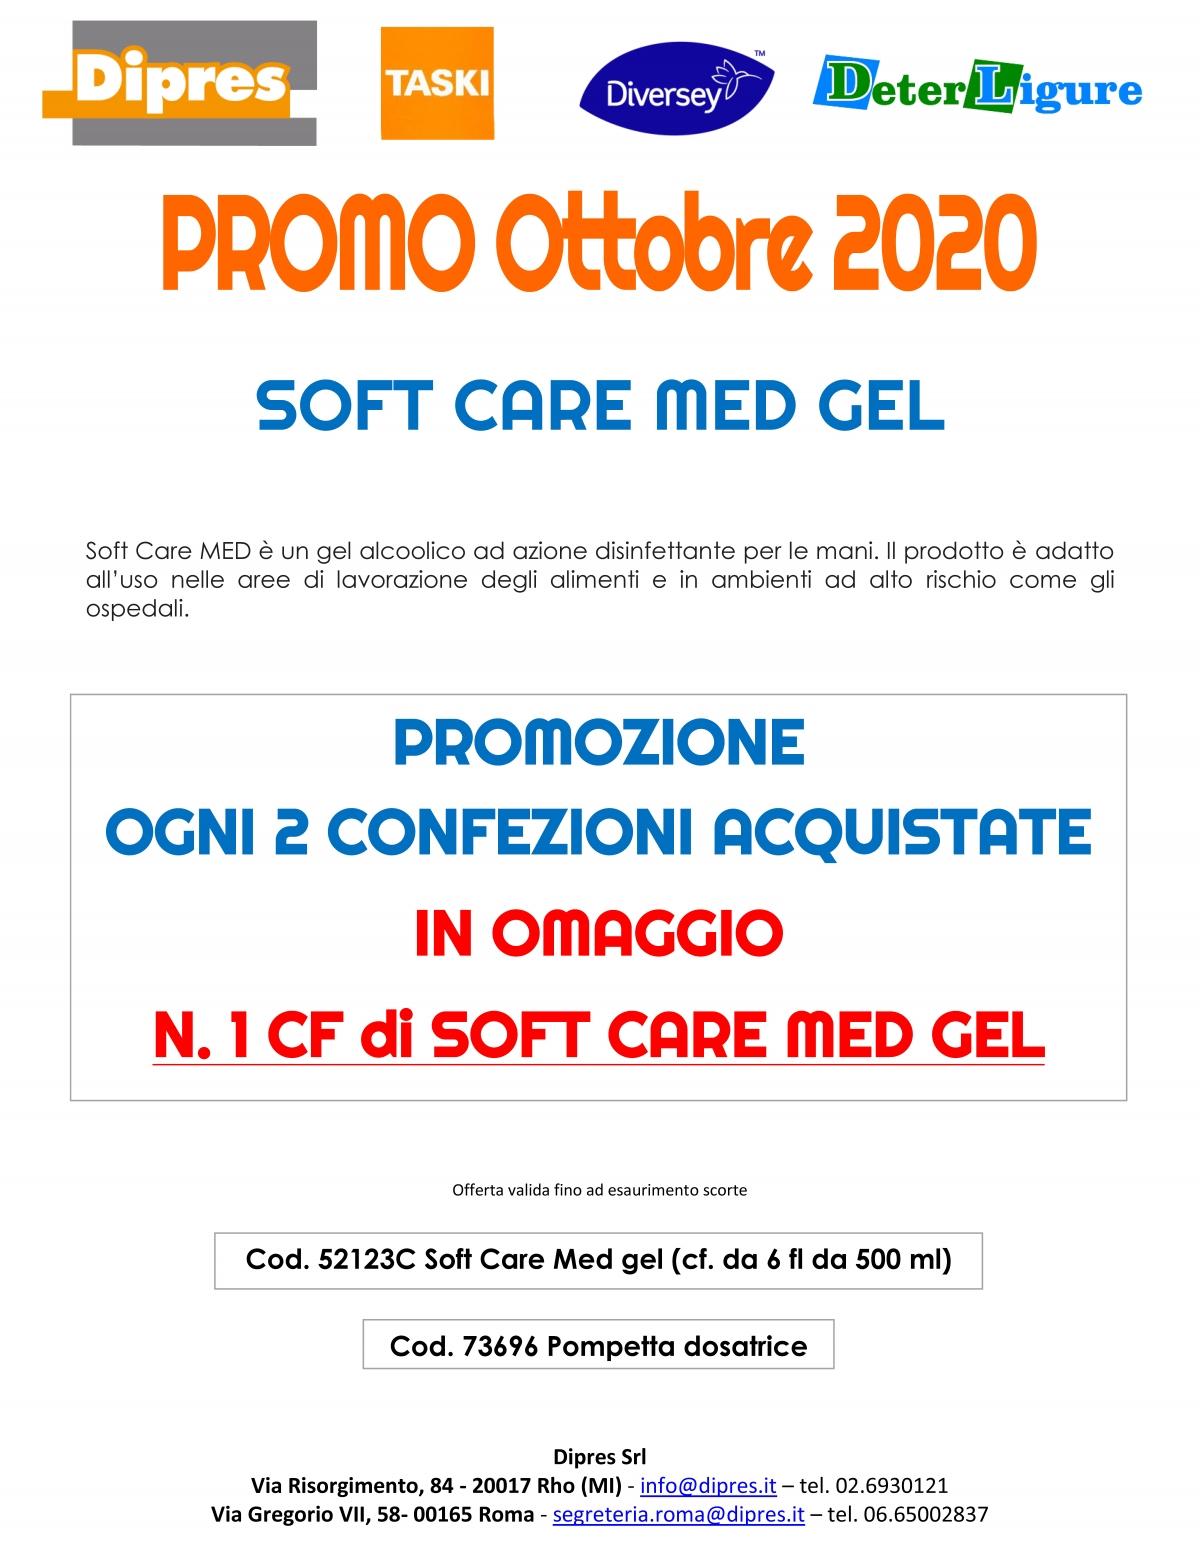 Soft Care Med promozione